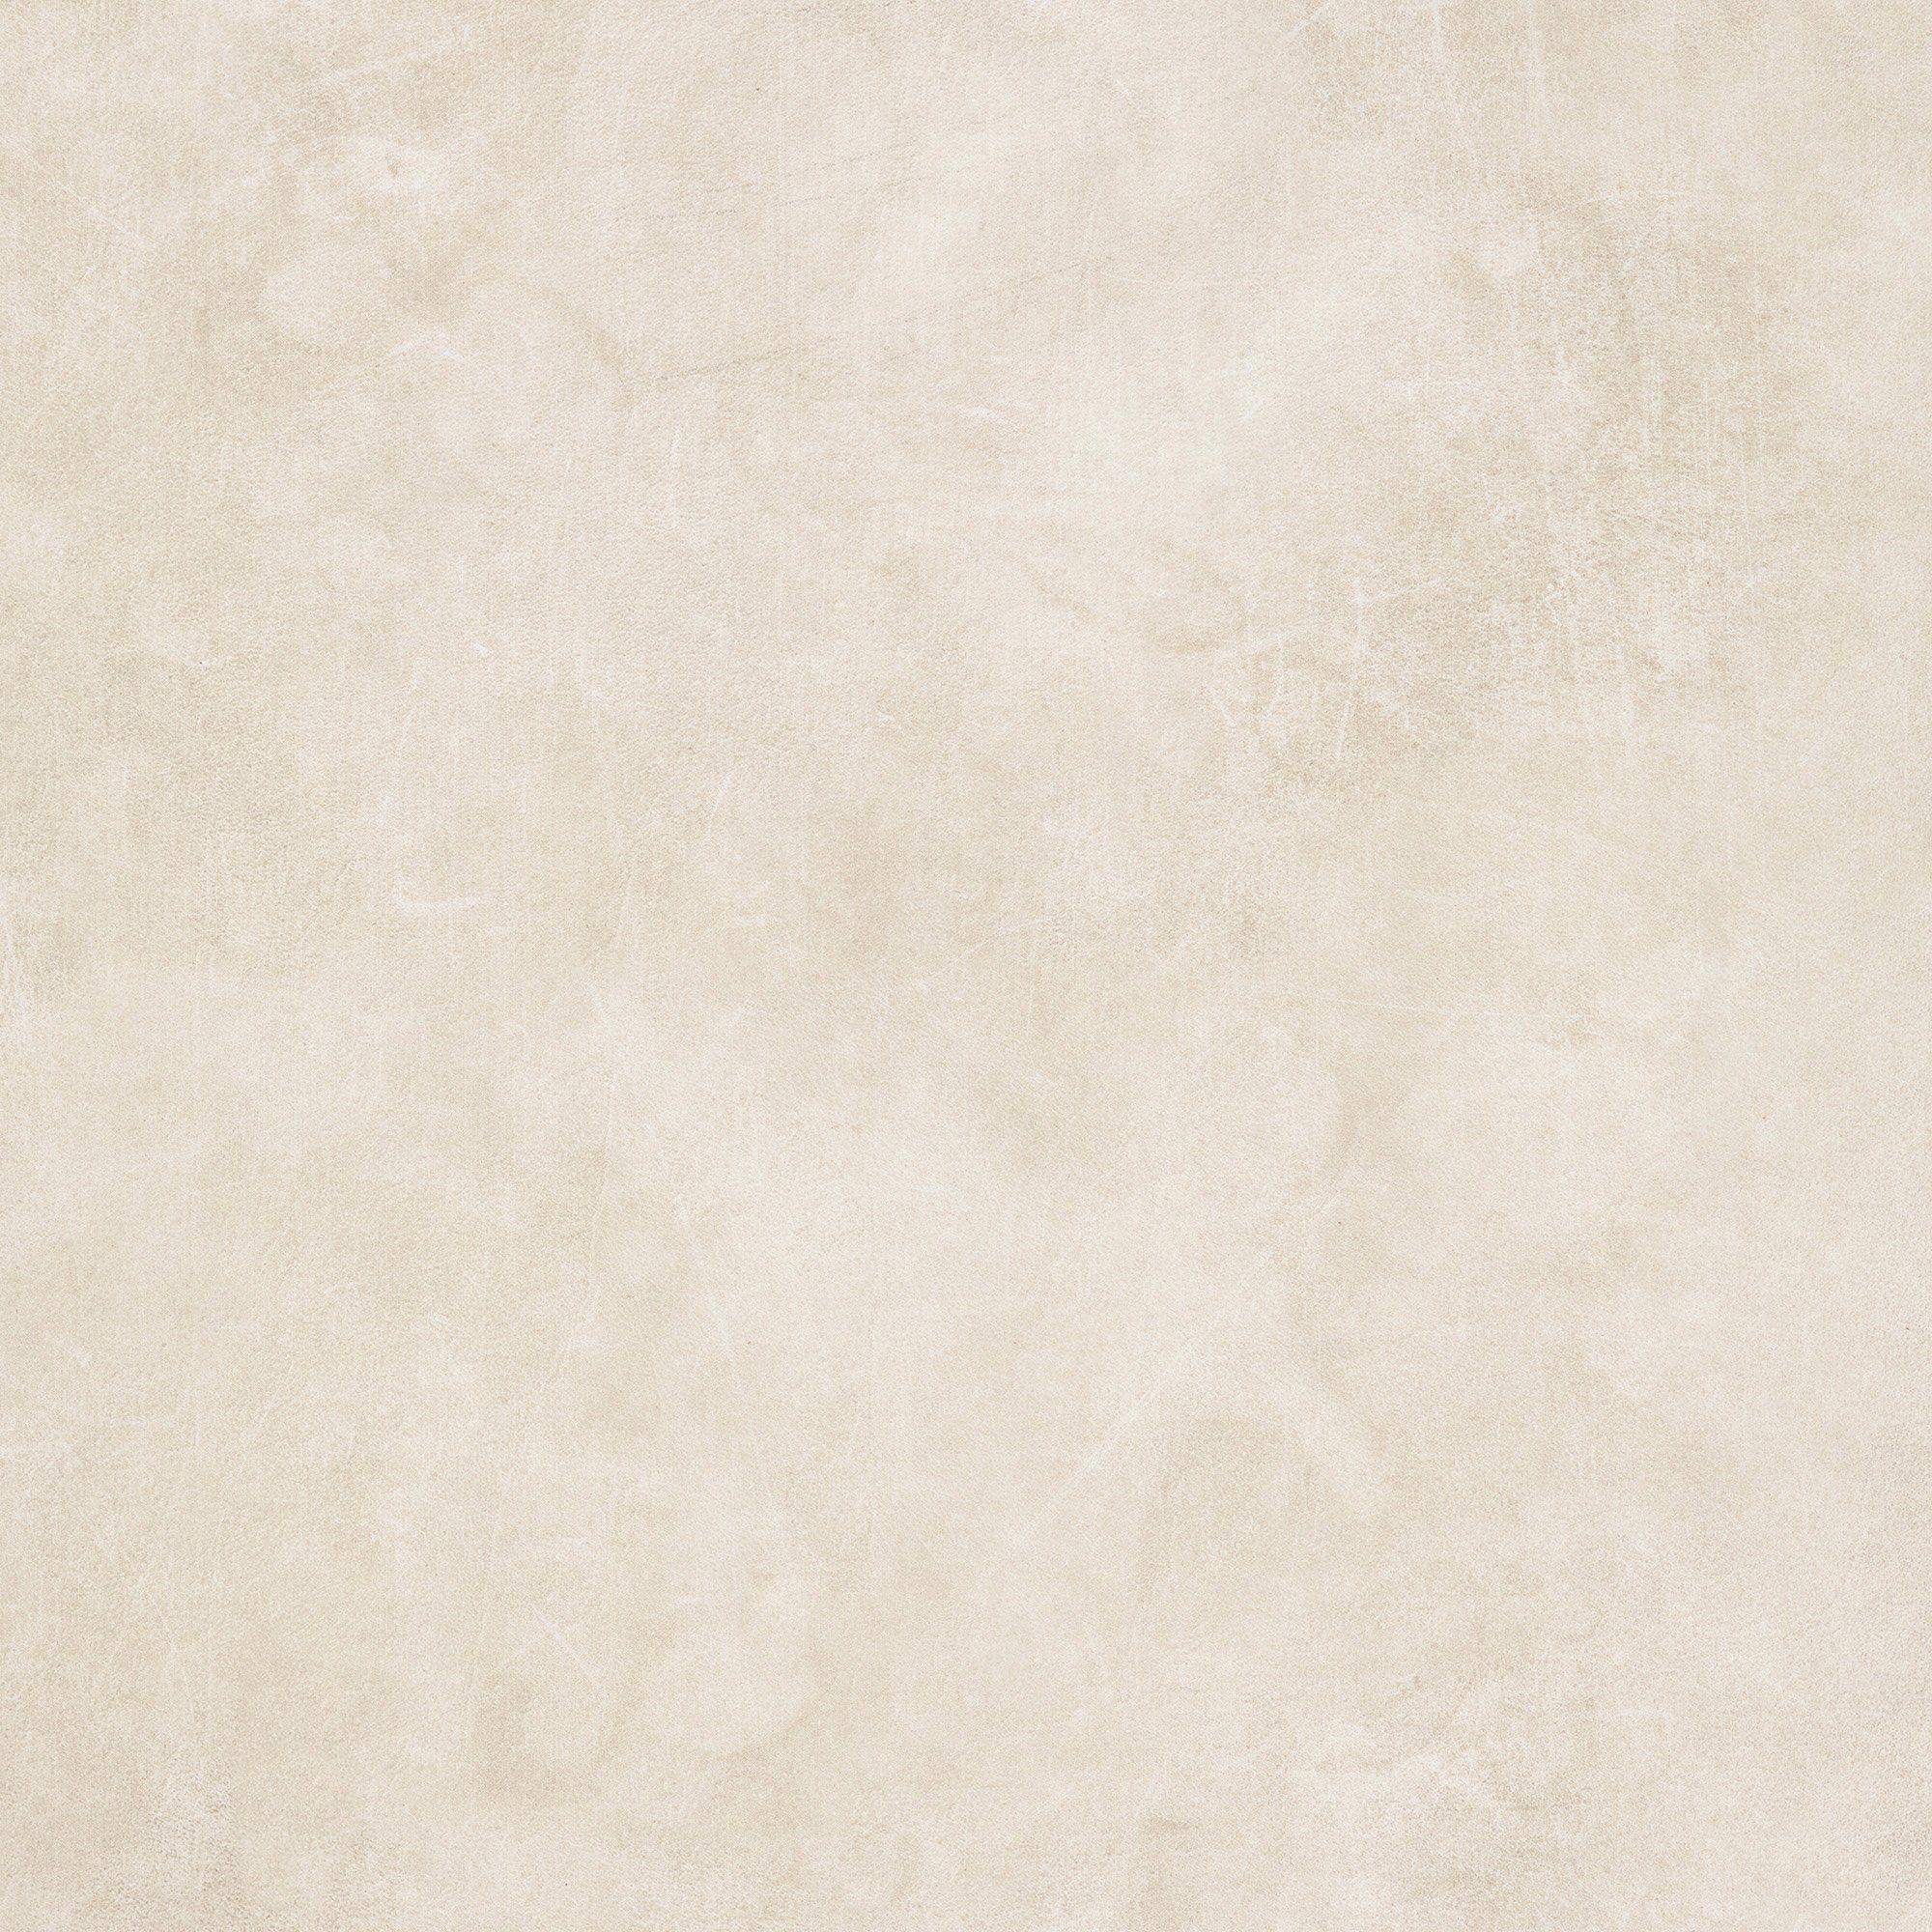 BODENMEISTER Packung: Laminat »Betonoptik Sicht-Beton hell weiß«, 60 x 30 cm Fliese, Stärke: 8 mm